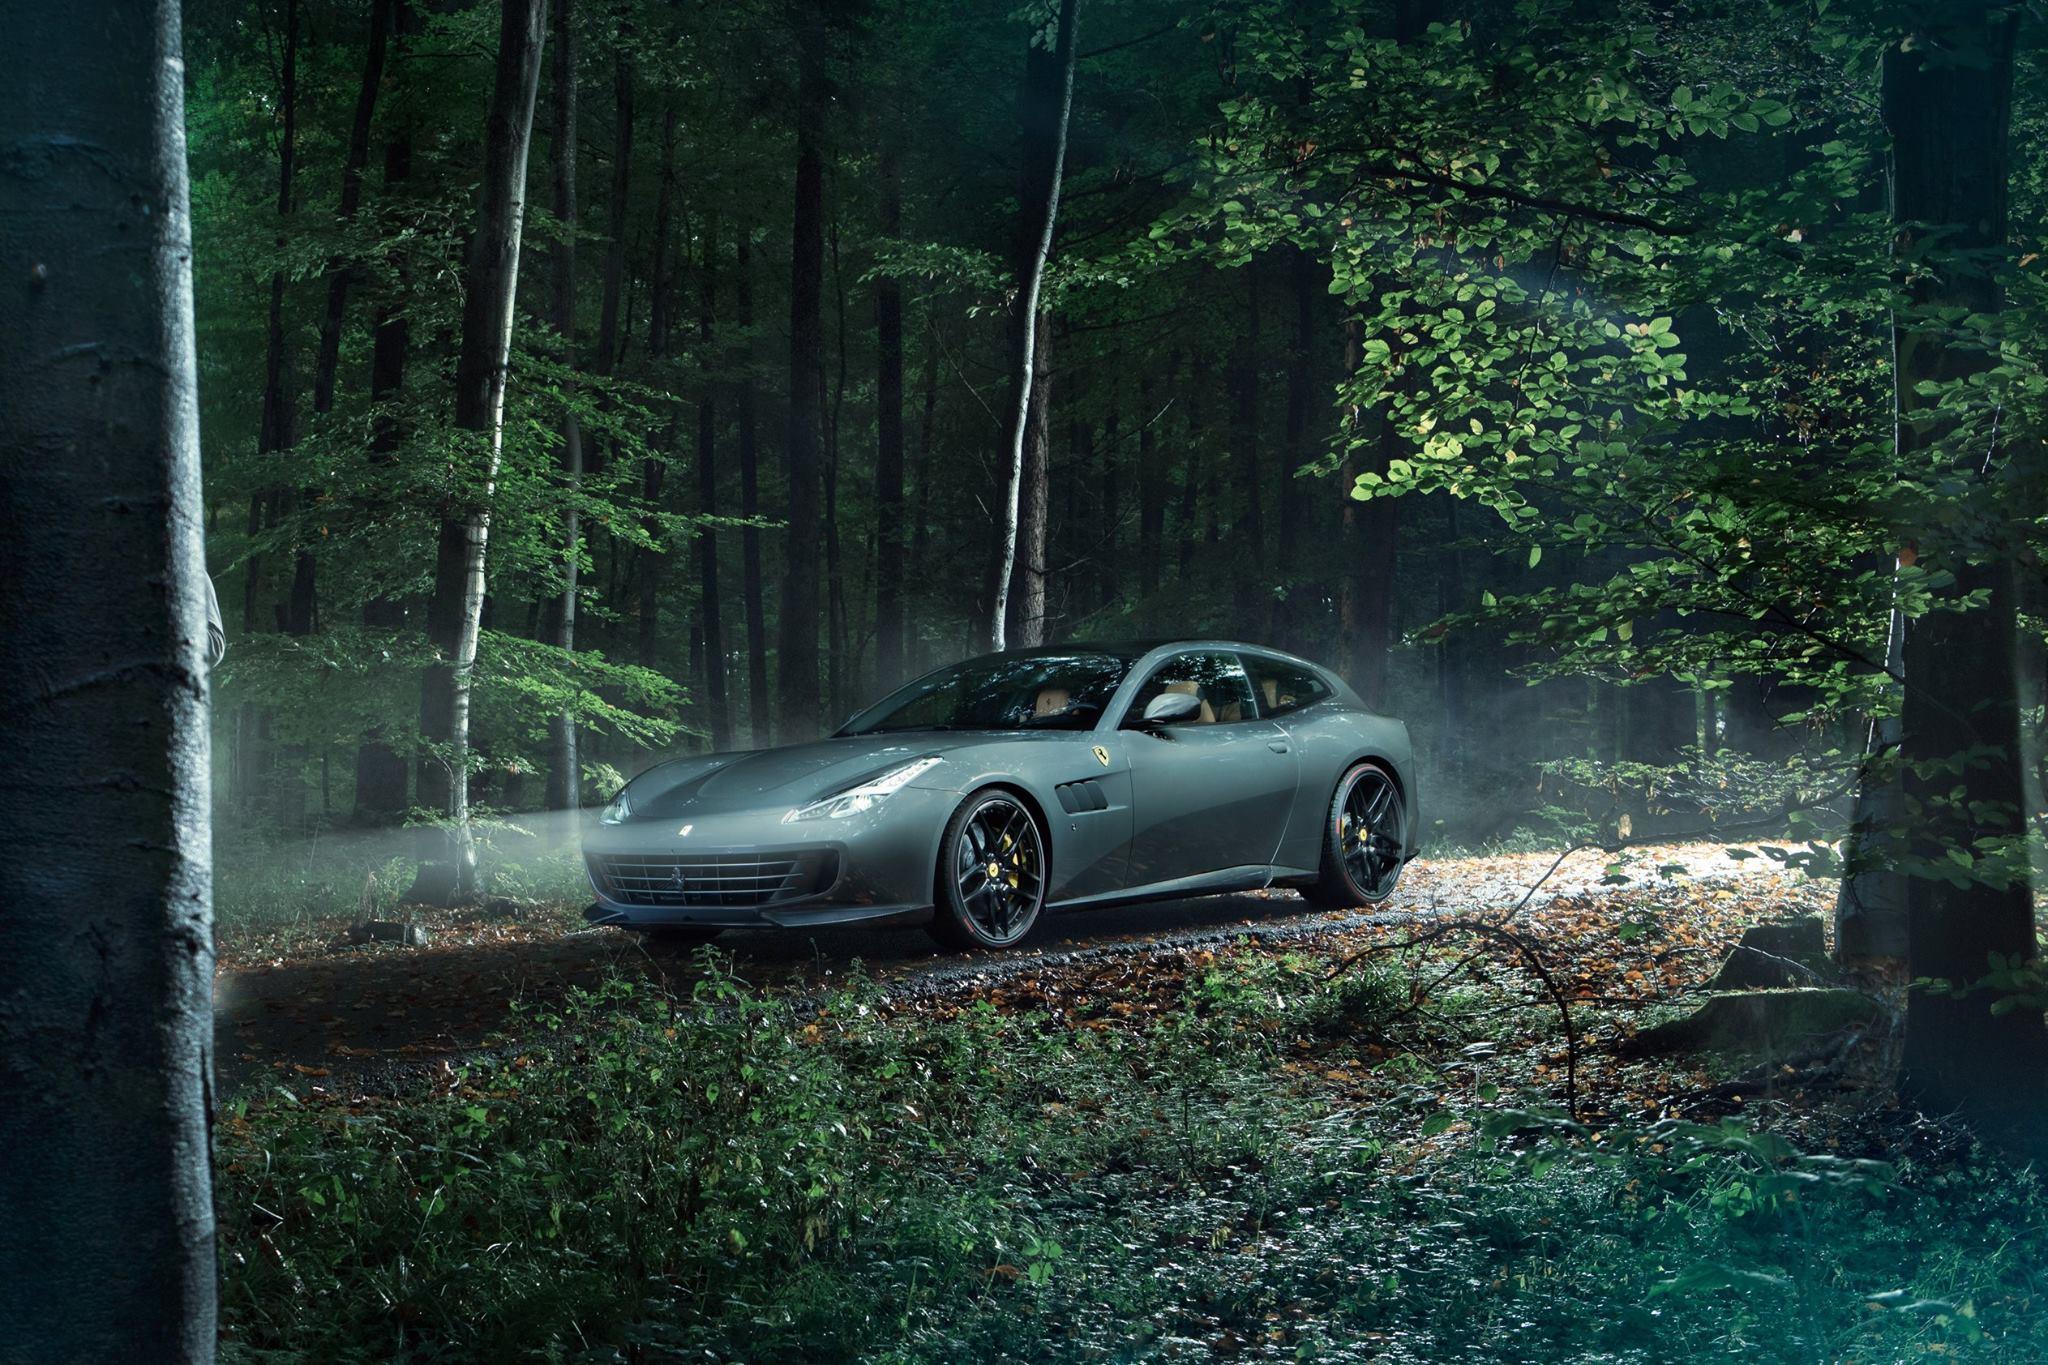 Тюнинг-ателье Novitec выпустило свой пакет тюнинга для текущего Ferrari GTC4Lusso.